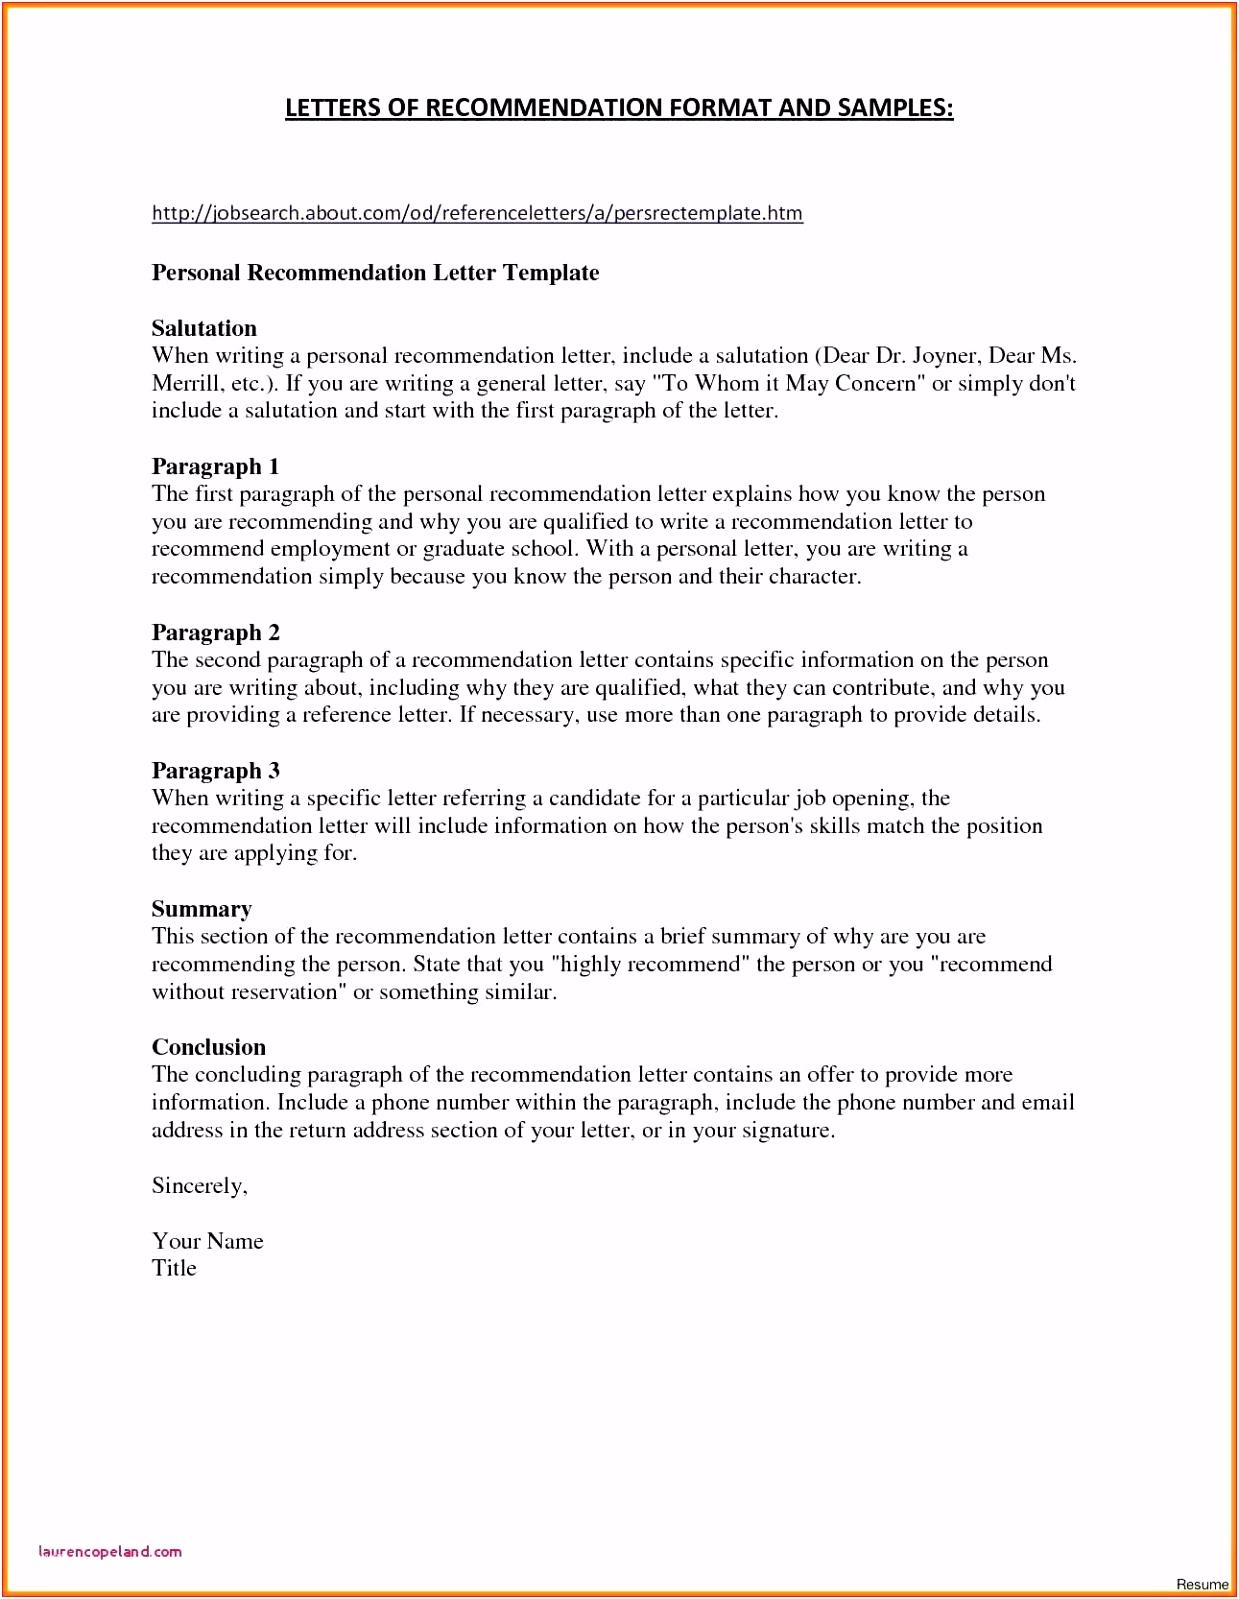 Fragebogen Vorlage Word 2010 Download Süß 42 Fragebogen Vorlage